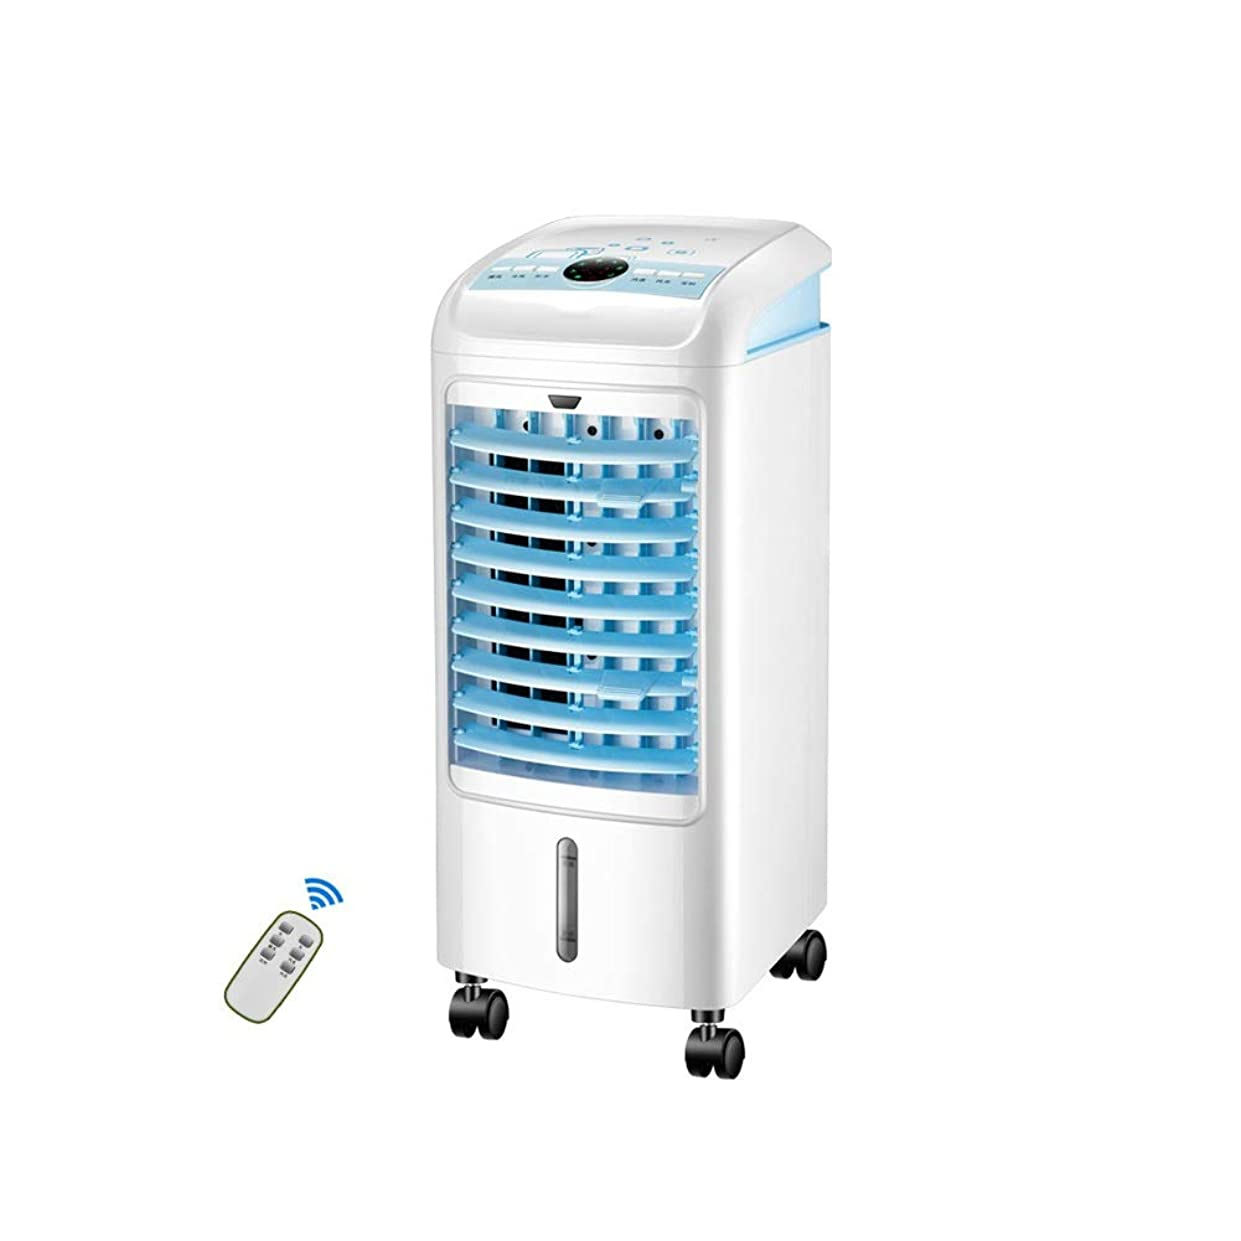 補体協会憂鬱なLPD-冷風機 ポータブルエアコン冷風クーラーファンモバイルエアコン水冷ファン加湿浄化リモートタイミング急速冷却